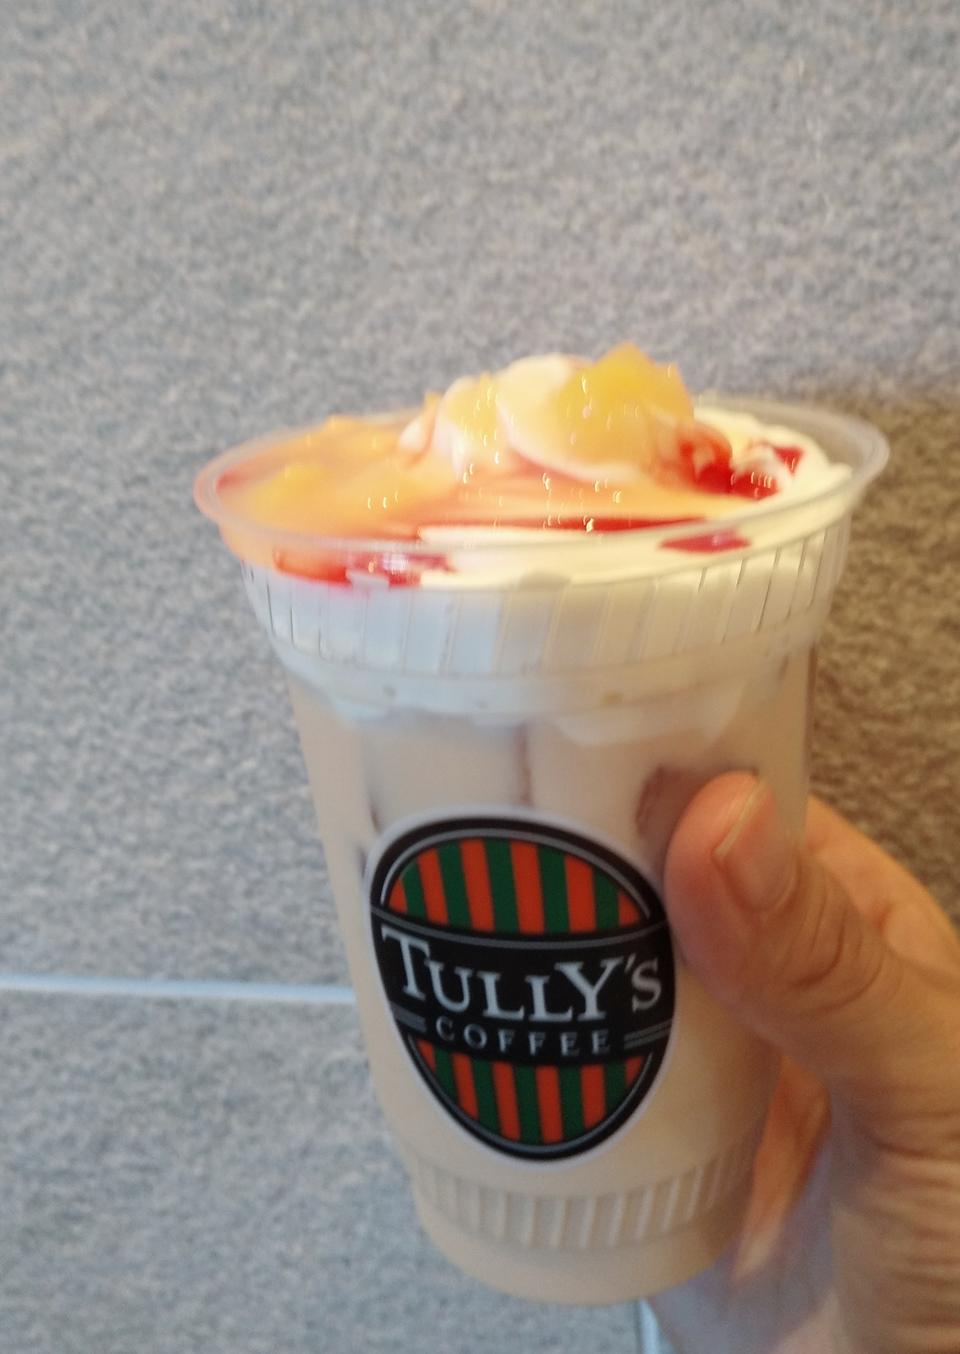 【11/13open】南町田グランベリーパークのTULLY'S COFFEEへ一足先におじゃましました【東京ママパーティー】TULLY'S COFFEEのホリデーシーズンのメニューを堪能!_10